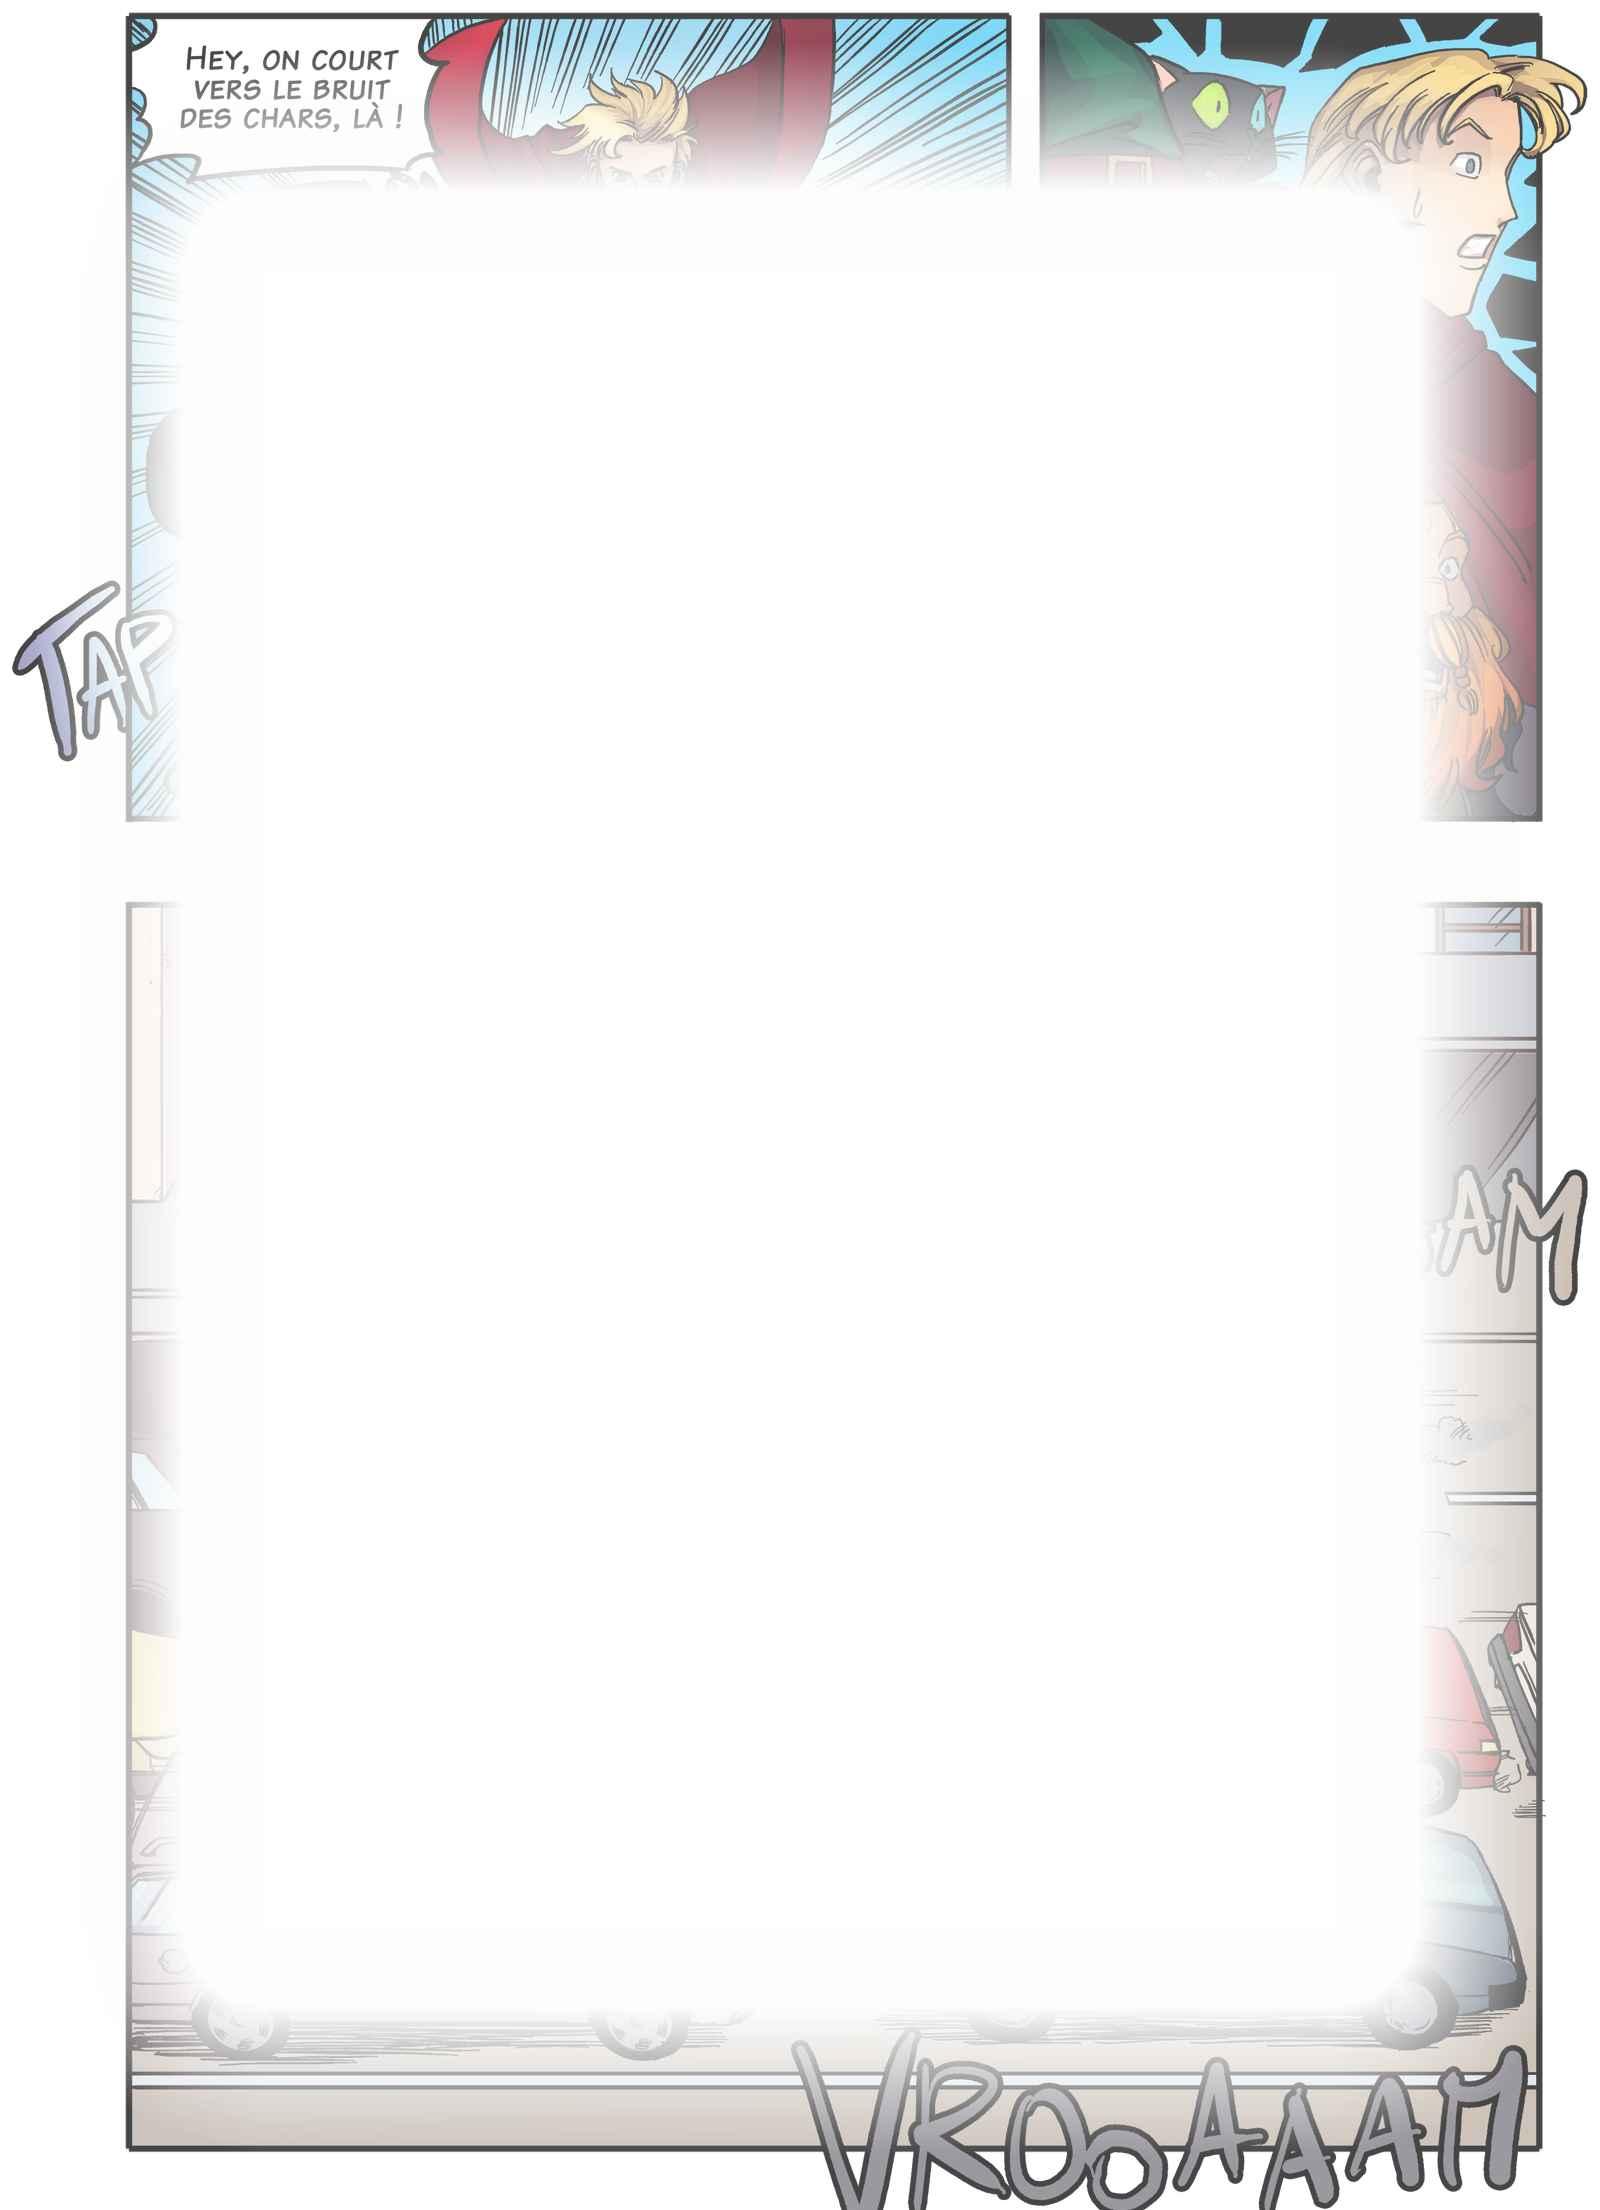 Hémisphères : Chapitre 5 page 7